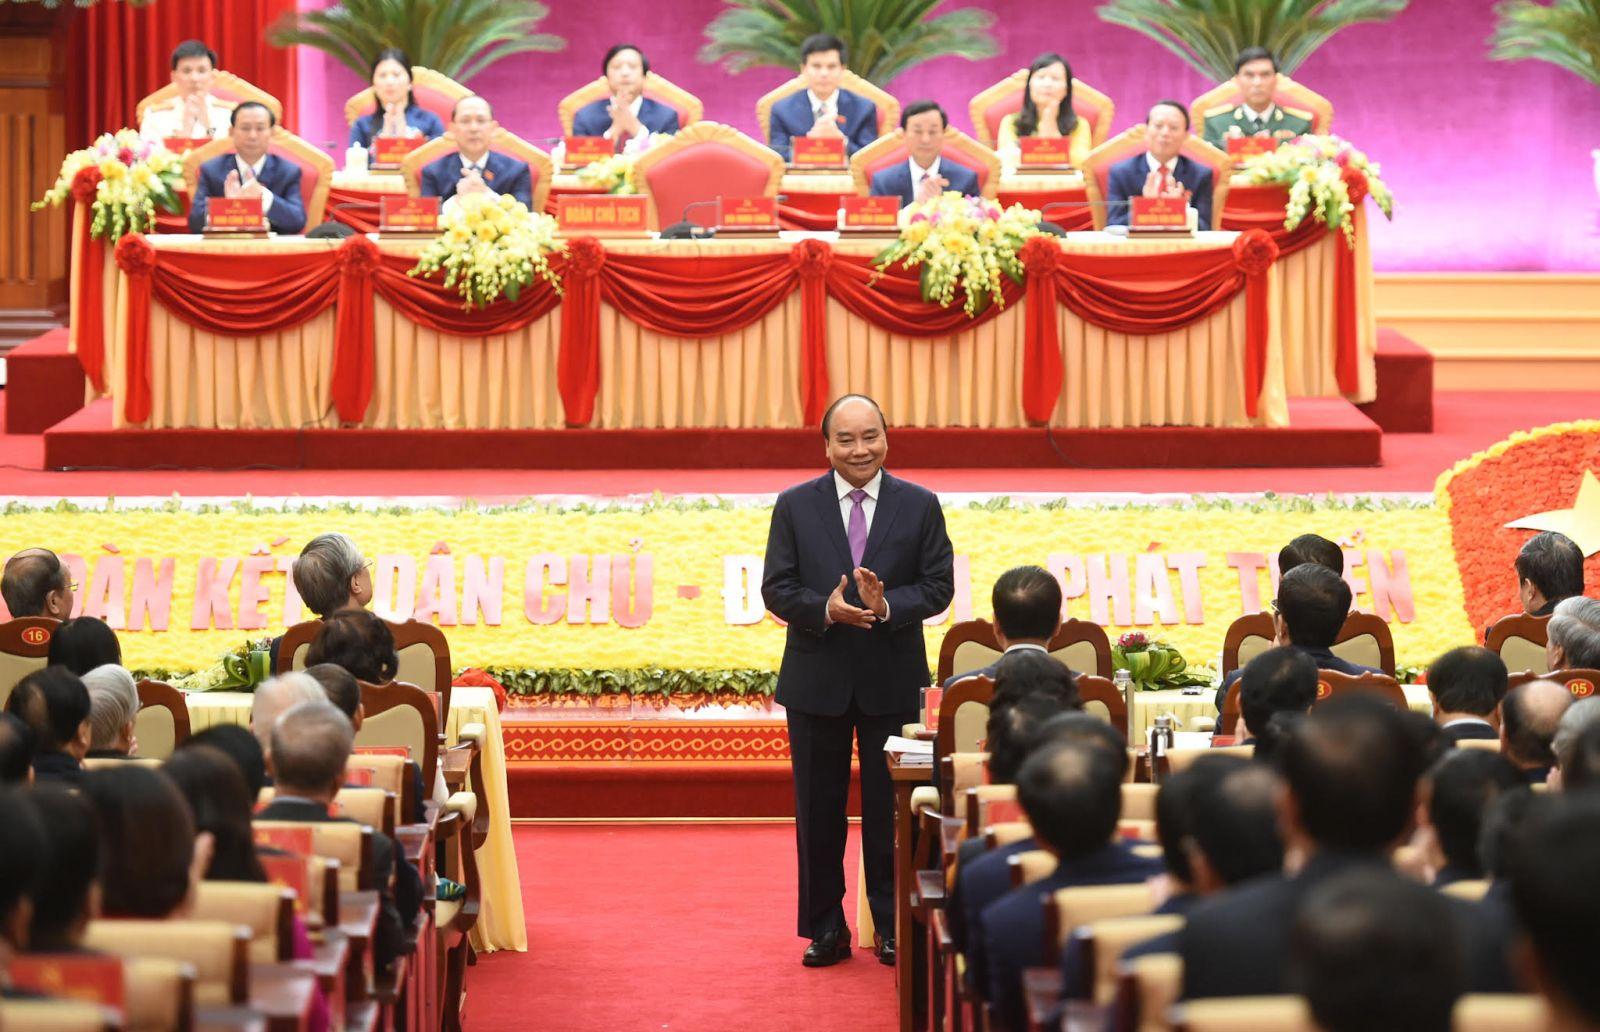 Thủ tướng Nguyễn Xuân Phúc đã dự phiên khai mạc Đại hội đại biểu Đảng bộ tỉnh Phú Thọ lần thứ XIX. Ảnh VGP/Quang Hiếu